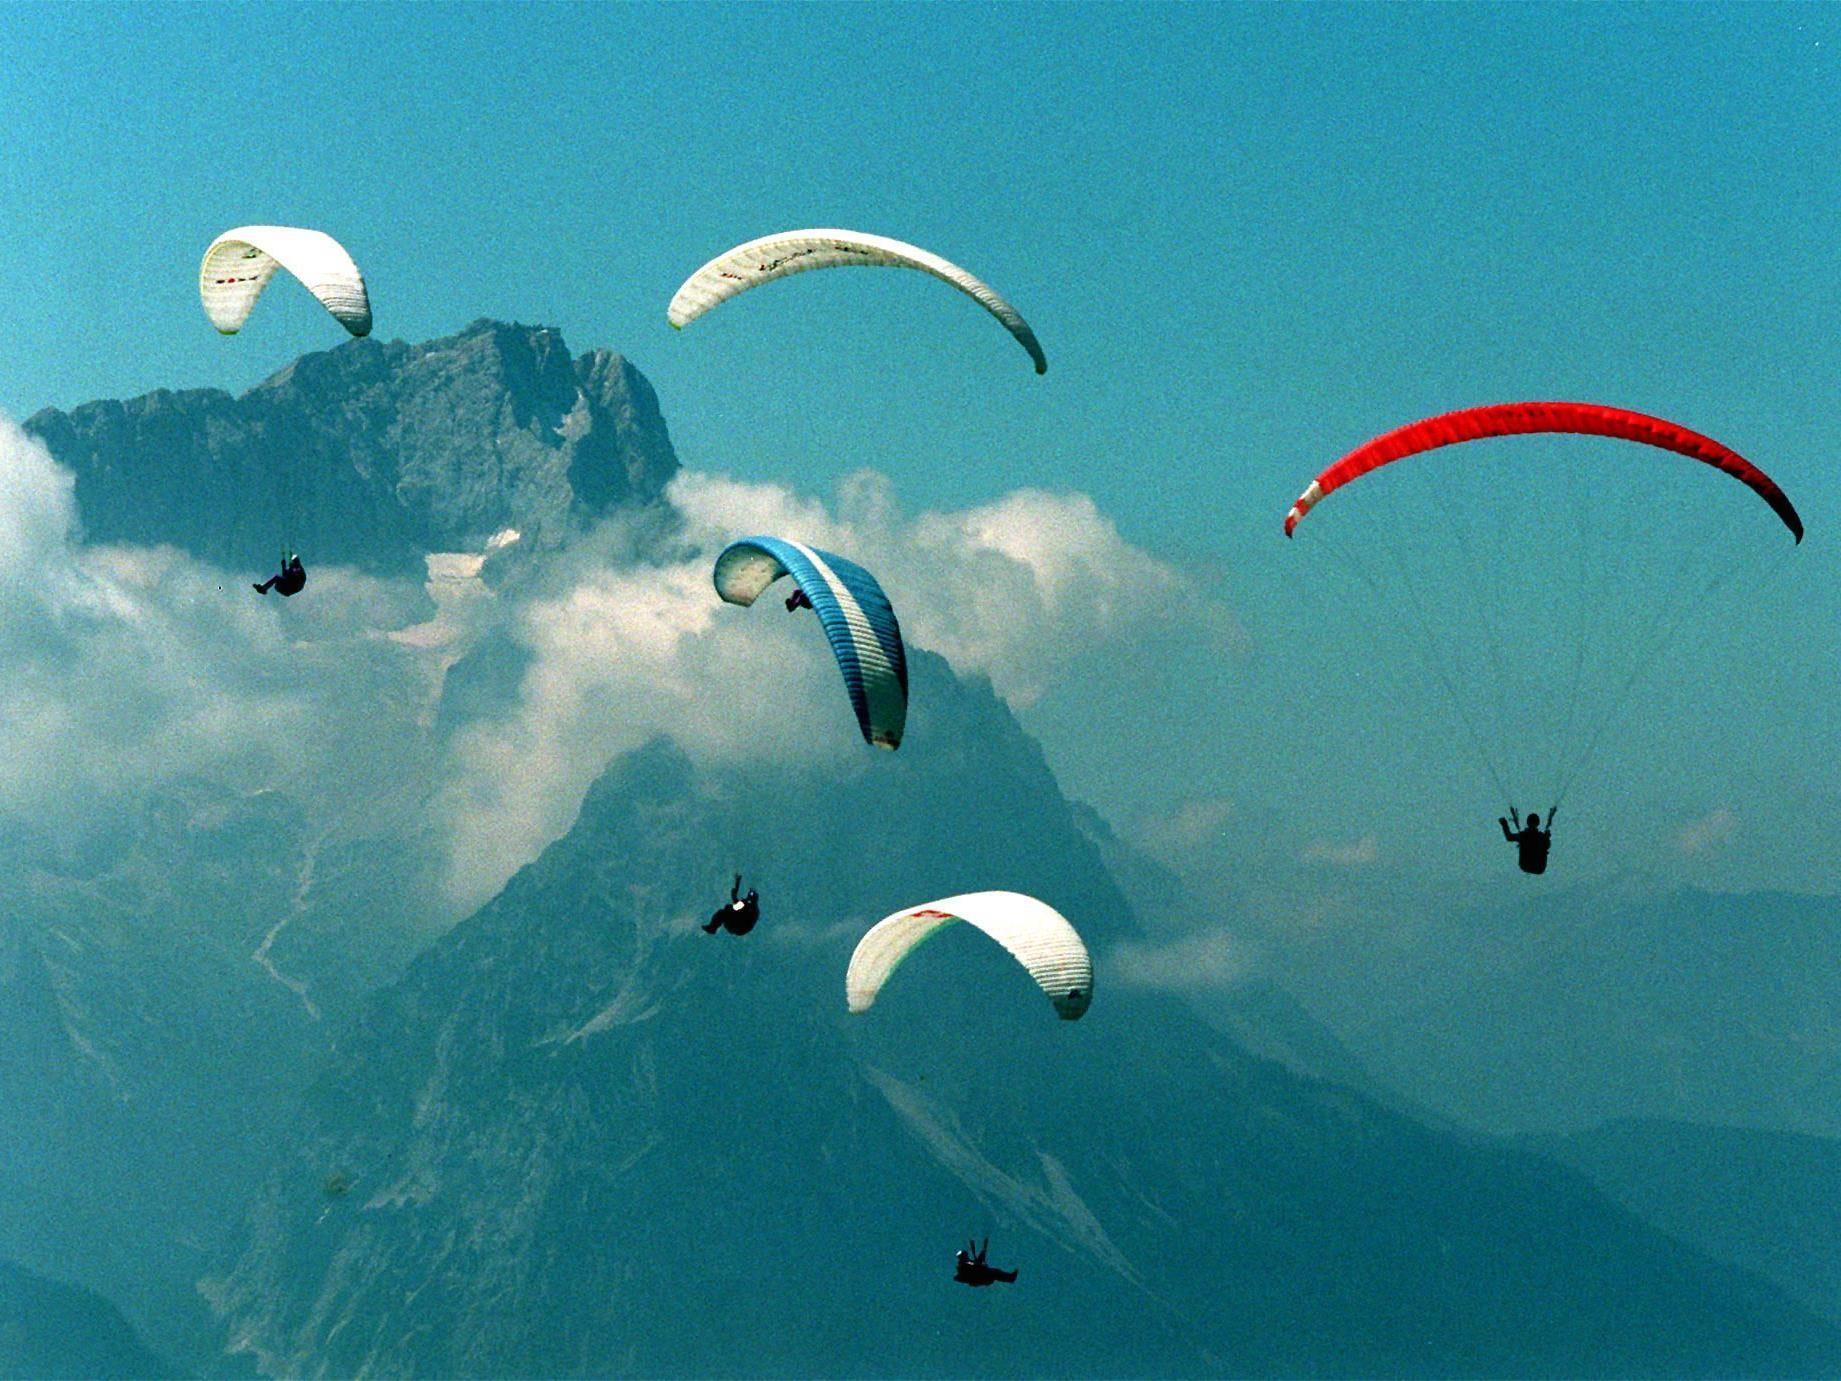 Als ältester Mensch aller Zeiten absolvierte eine US-Amerikanerin einen Paragliding-Tandemflug.